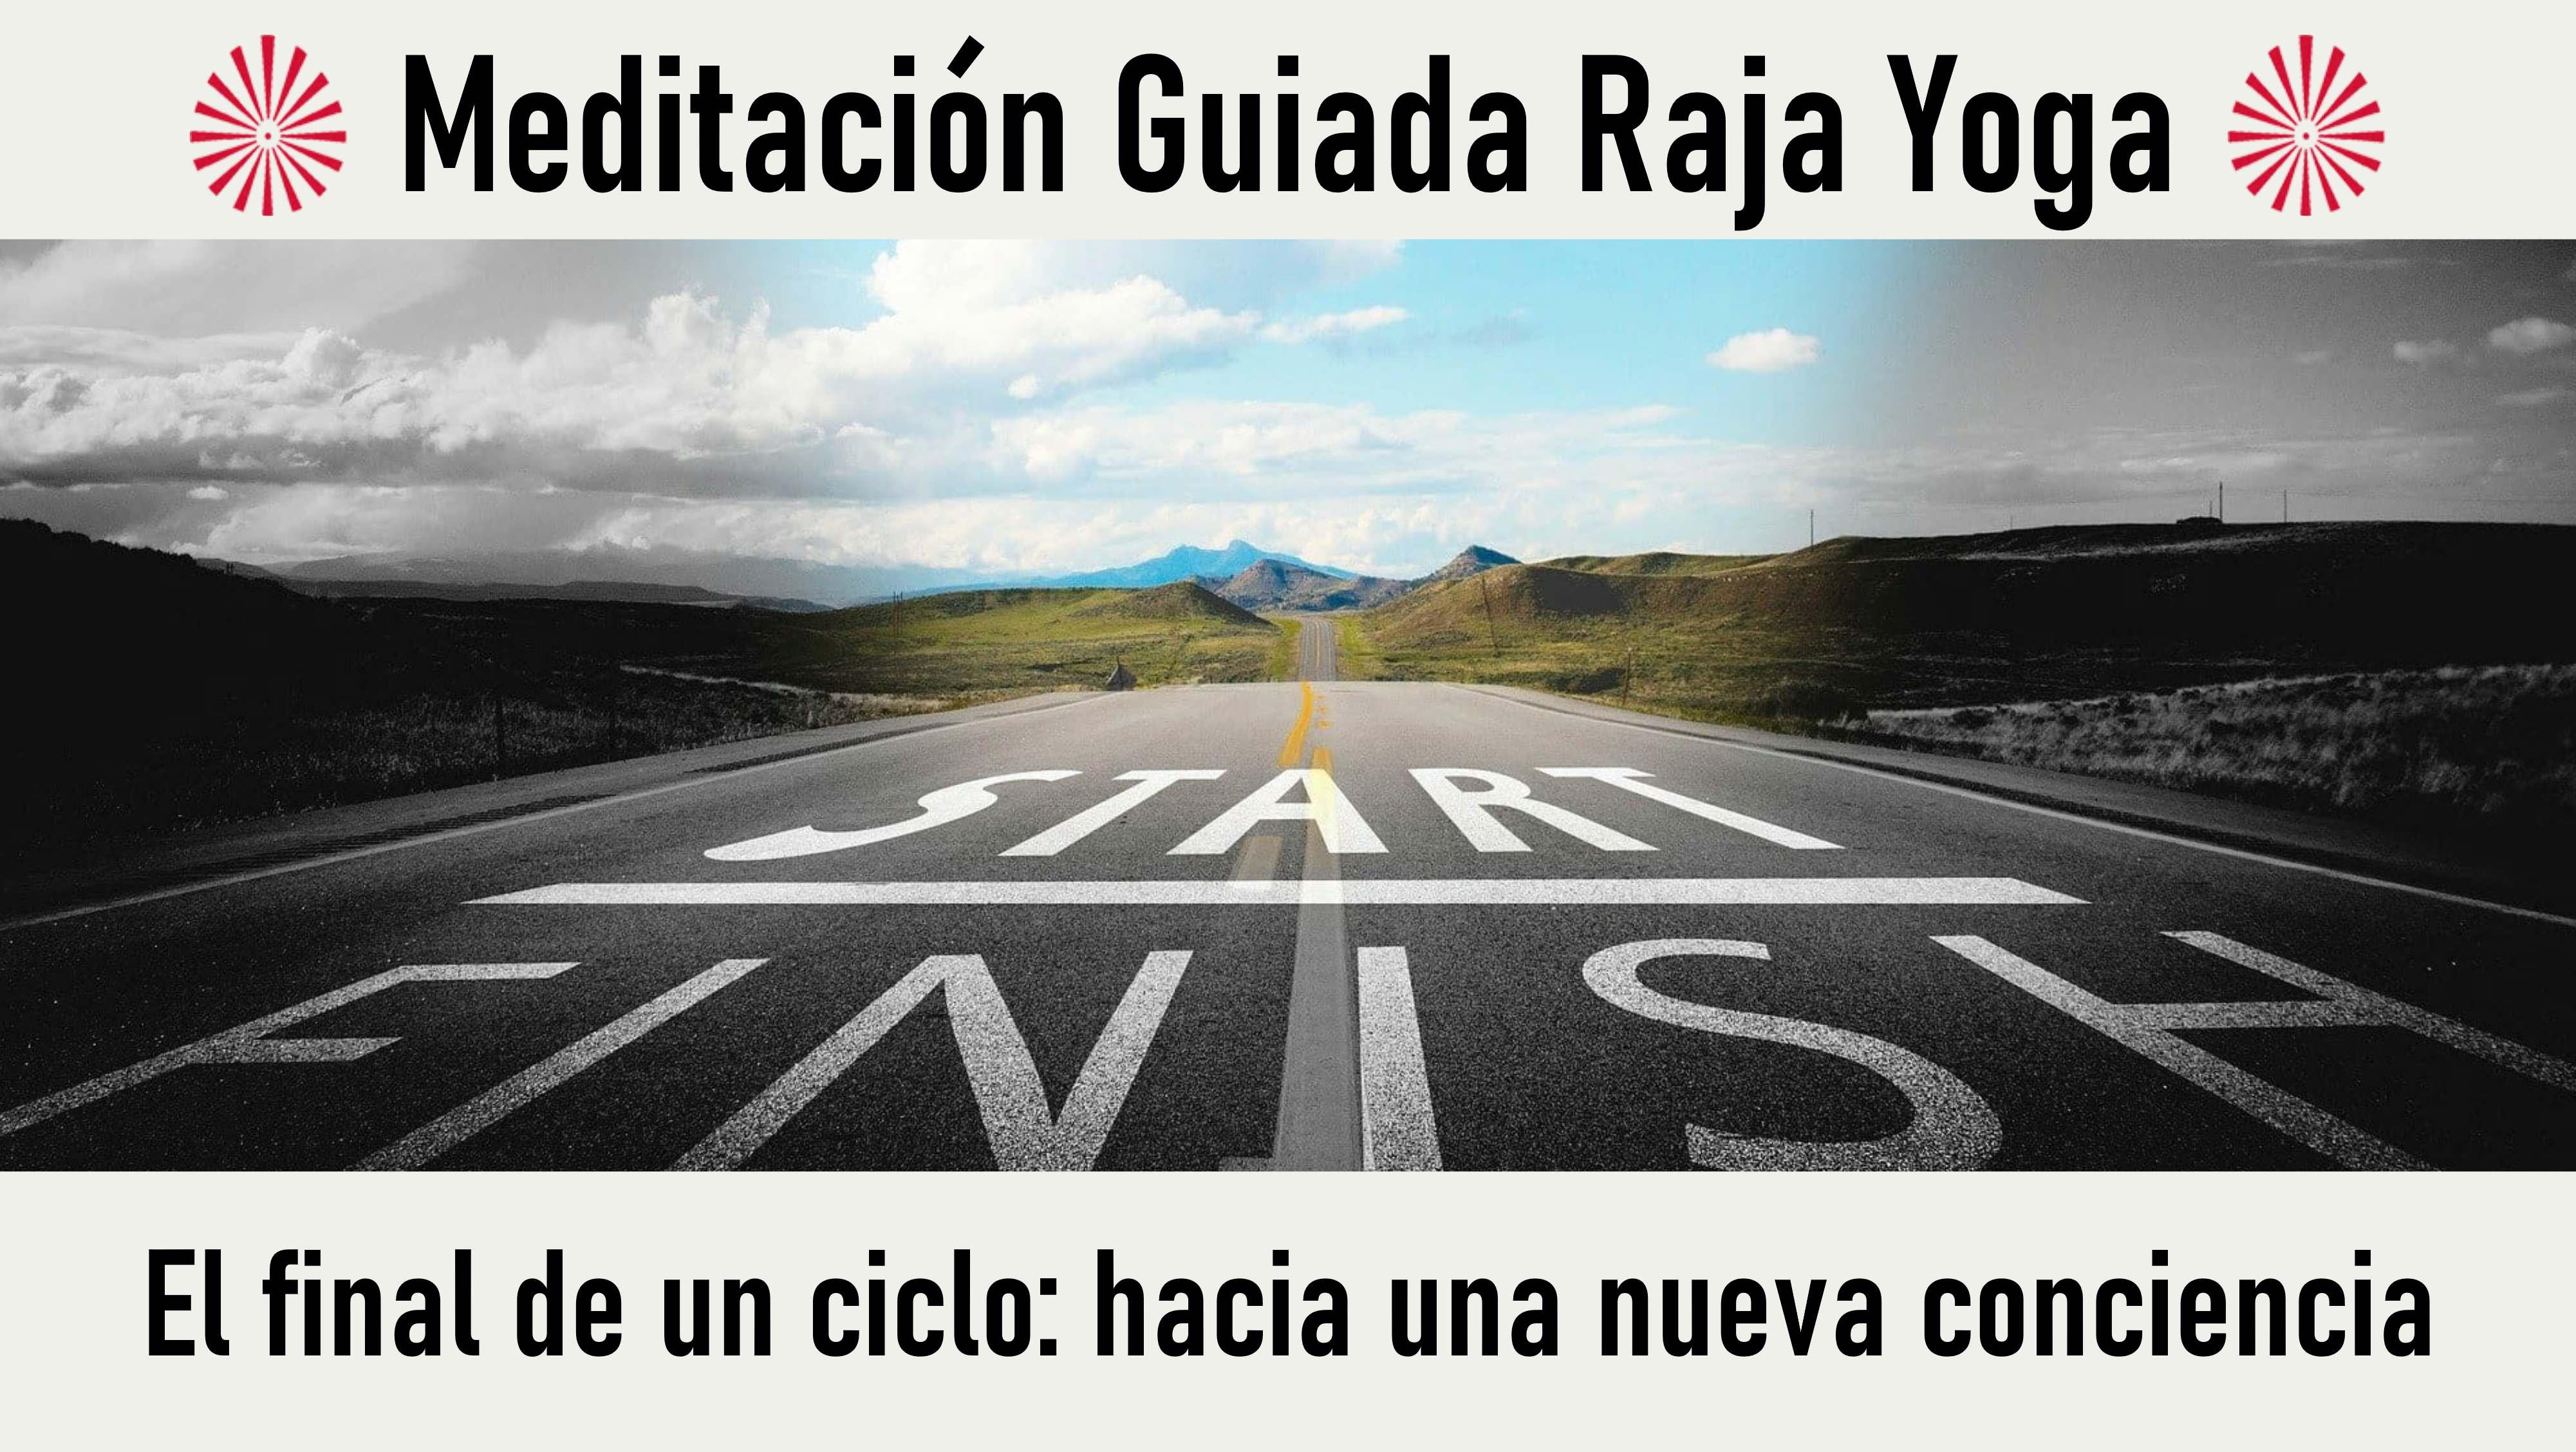 Meditación  Raja Yoga: El final de un ciclo  hacia una nueva conciencia (30 Agosto 2020) On-line desde Valencia